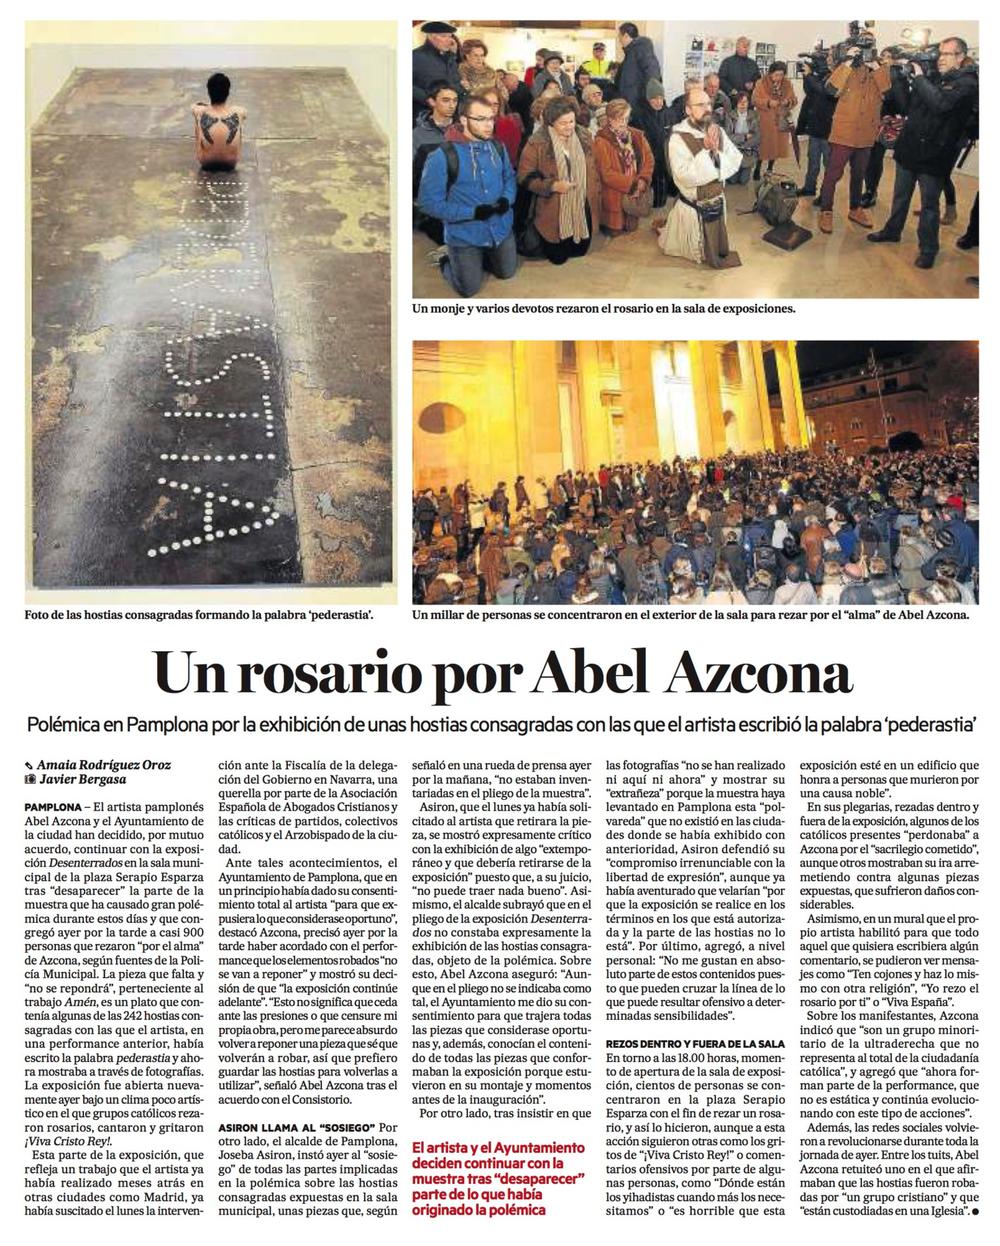 Miércoles, 25 de Noviembre de 2015. Diario de Noticias de Guipúzcoa.